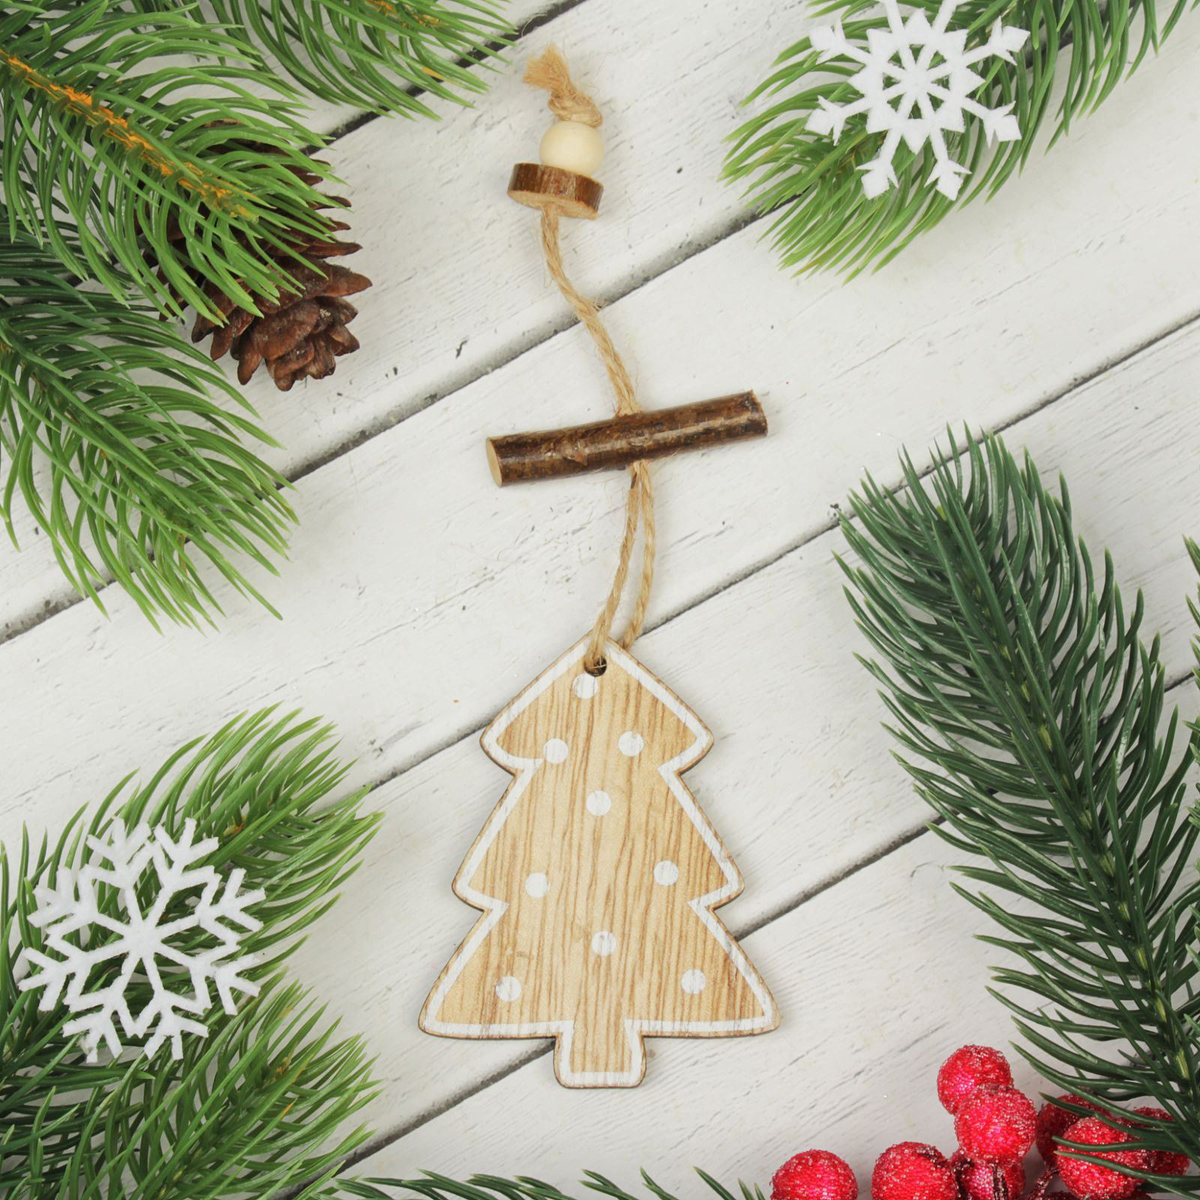 Украшение новогоднее подвесное Праздничное дерево2303241Новогоднее подвесное украшение, выполненное из дерева, отлично подойдет для декорации вашего дома и новогодней ели. С помощьюспециальной петельки украшение можно повесить в любом понравившемся вам месте. Но, конечно, удачнее всего оно будет смотреться напраздничной елке.Елочная игрушка - символ Нового года. Она несет в себе волшебство и красоту праздника. Такое украшение создаст ввашем доме атмосферу праздника, веселья и радости.